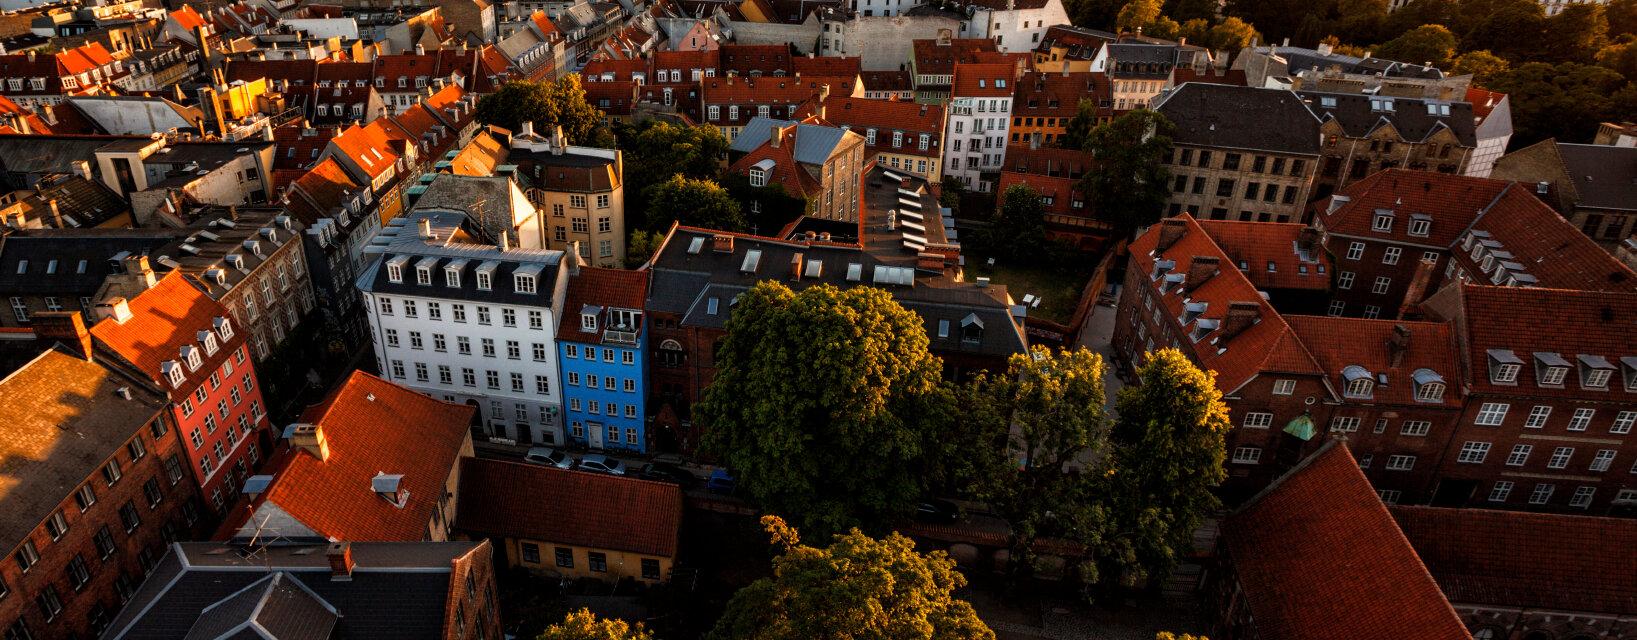 Поиск отелей в Ольборге